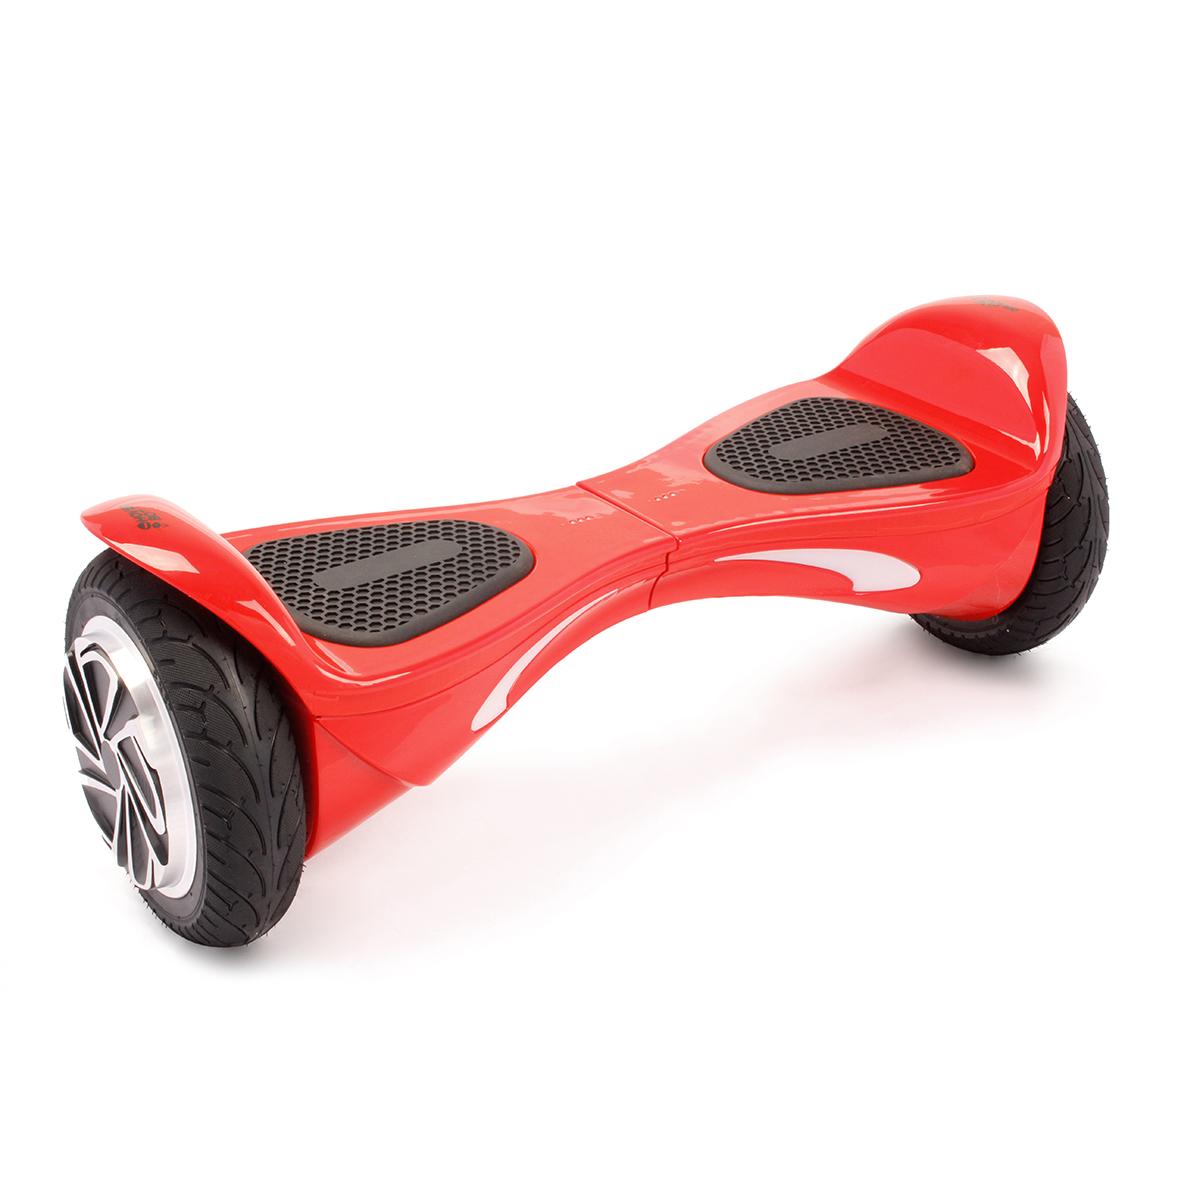 """Гироскутер Hoverbot B-2 (A-9), цвет: красныйGB2RDГироскутер Hoverbot B-2 имеет высокий клиренс и спортивный корпус – он выглядит очень эргономично и современно. Не смотря на высокую посадку, гироборд уверенно стоит на широких 8"""" колёсах, которые отлично справляются со своей задачей – уверенно держать дорогу на высокой скорости. Он не только быстро разгоняется, но и хорошо оттормаживается, не зависимо от веса пользователя или дорожных условий. Очень резвая модель B-2 моментально откликается на изменение в управлении и быстро подстраивается под индивидуальные запросы райдера. Покупая гироборд Hoverbot B-2 вы приобретаете не только отличное средство передвижение, но также незаменимого и верного спутника, который скрасит ваше времяпрепровождение отличной музыкой через встроенные динамики в корпусе борда. Музыка передаётся через Bluetooth устройство на любом из ваших гаджетов. Данная модель подойдёт опытным пользователям. В комплект входит зарядное устройство. Технические характеристики. Цвета: black, blue, red. Возможная дистанция: 15 км. Максимальная скорость: 15 км/ч. Аккумулятор: Lithium 4.4 Ah. Размер колеса: 8"""" (200 мм). Мощность мотора: 2 х 400 W. Максимальная нагрузка: 120 кг. Время заряда/сеть: 120 мин/220В. Вес нетто: 10 кг. Вес брутто: 12,5 кг. Влагозащита: IP54. Условия эксплуатации: -10°C +50°C. Размер коробки: 650х230х245. Комплектация: Зарядное устройство."""